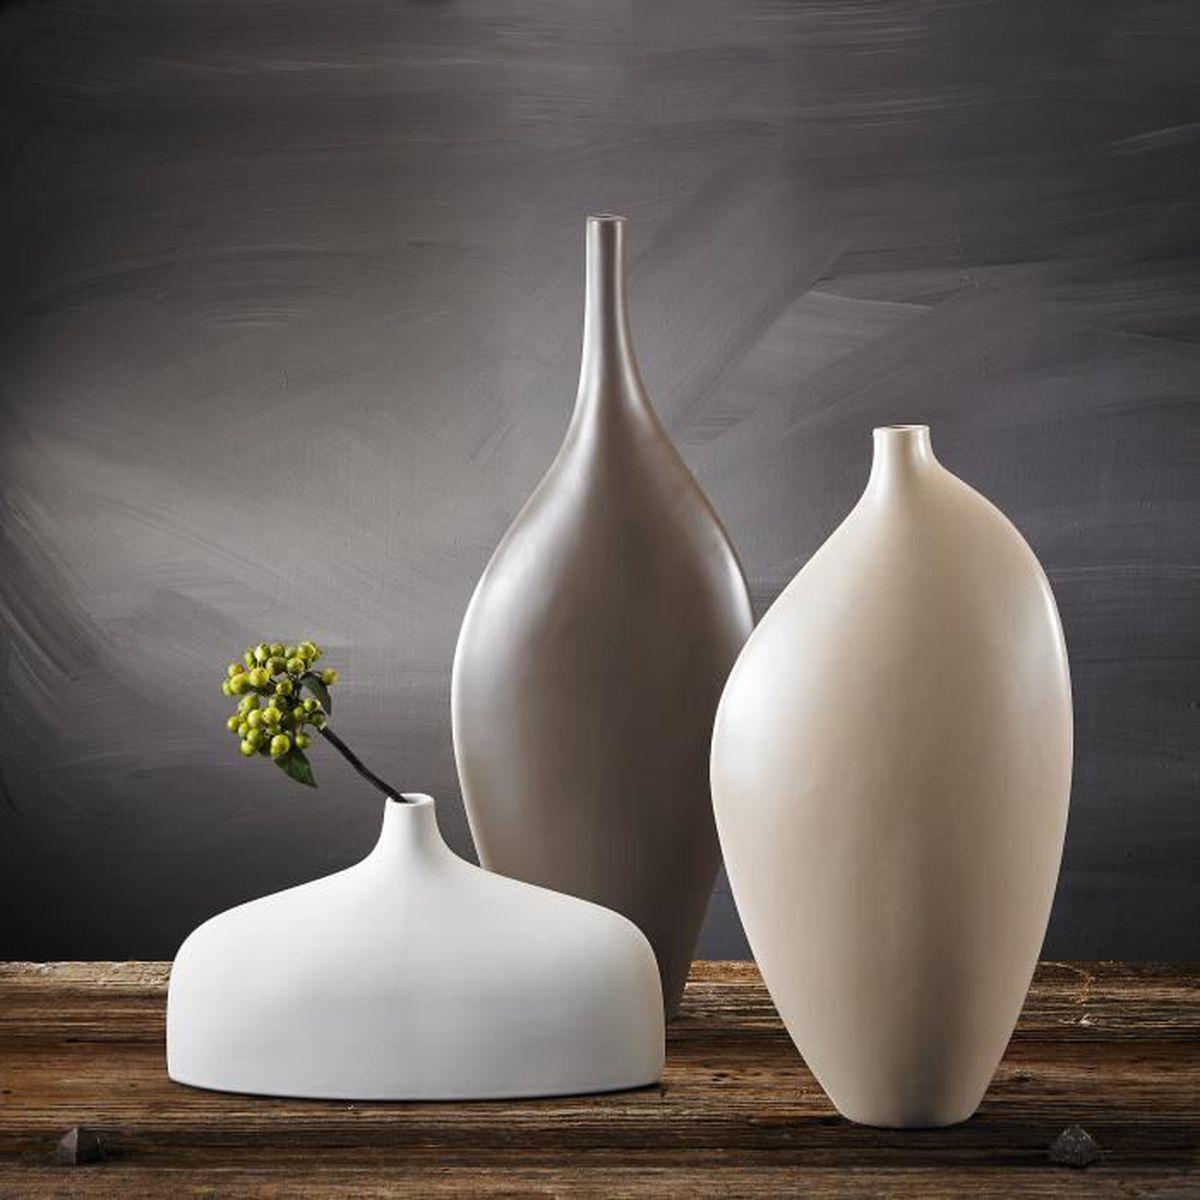 Décoration Entrée De Maison pure.lifestyle 3pcs vases fleur soliflore 3 couleurs